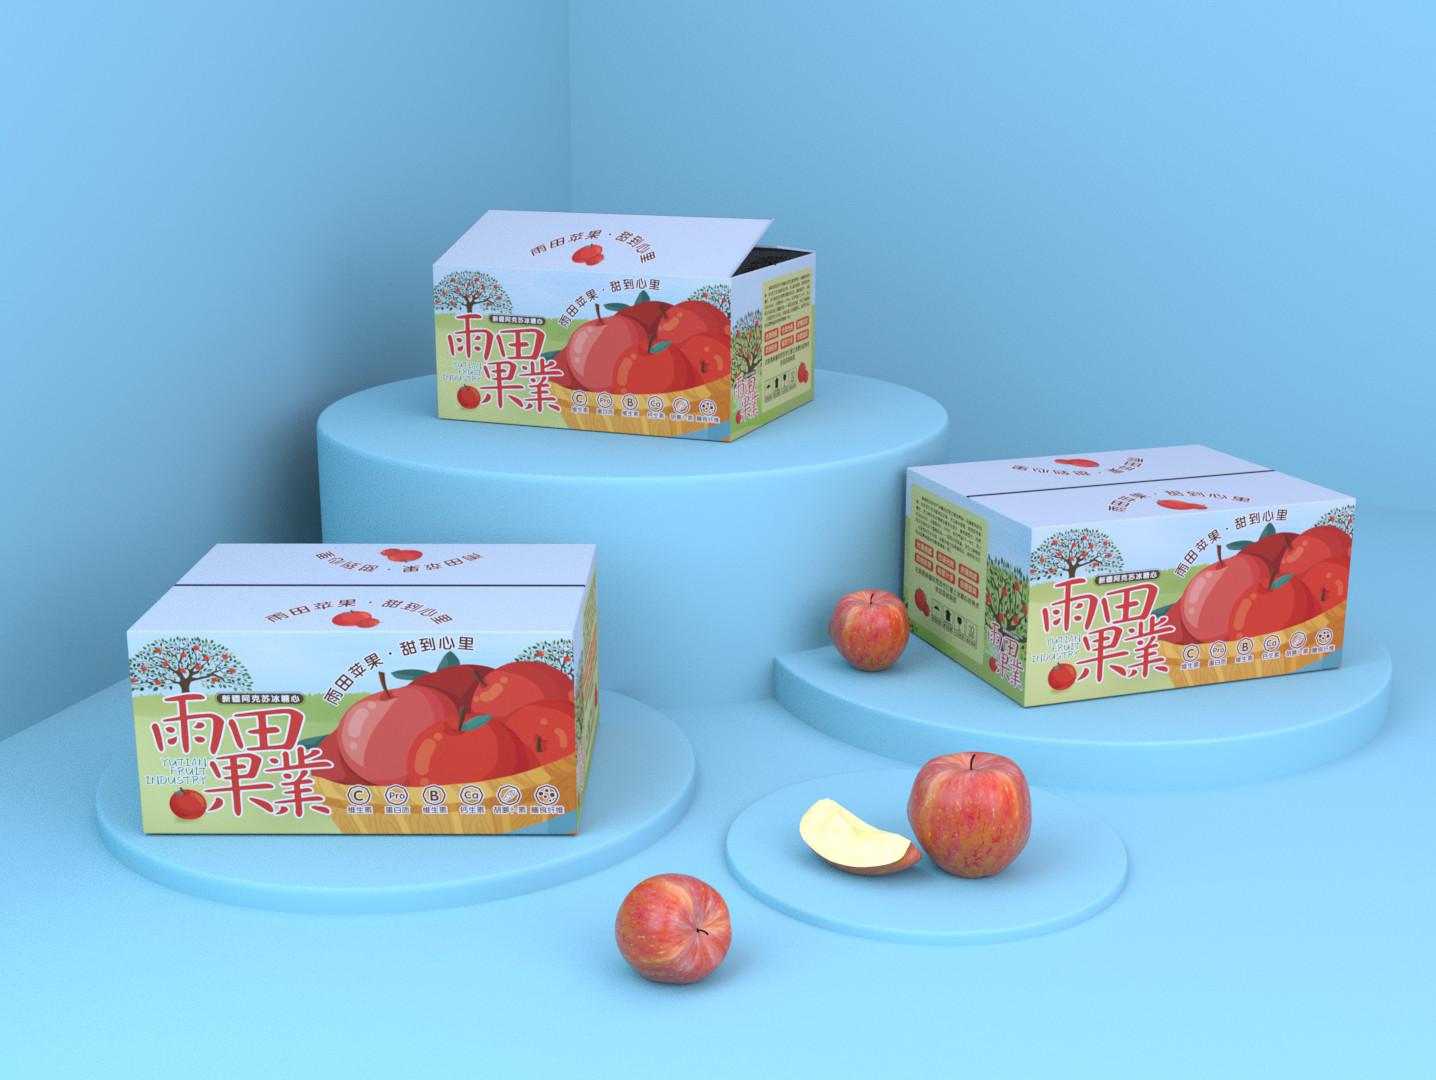 阿克蘇冰糖心蘋果箱